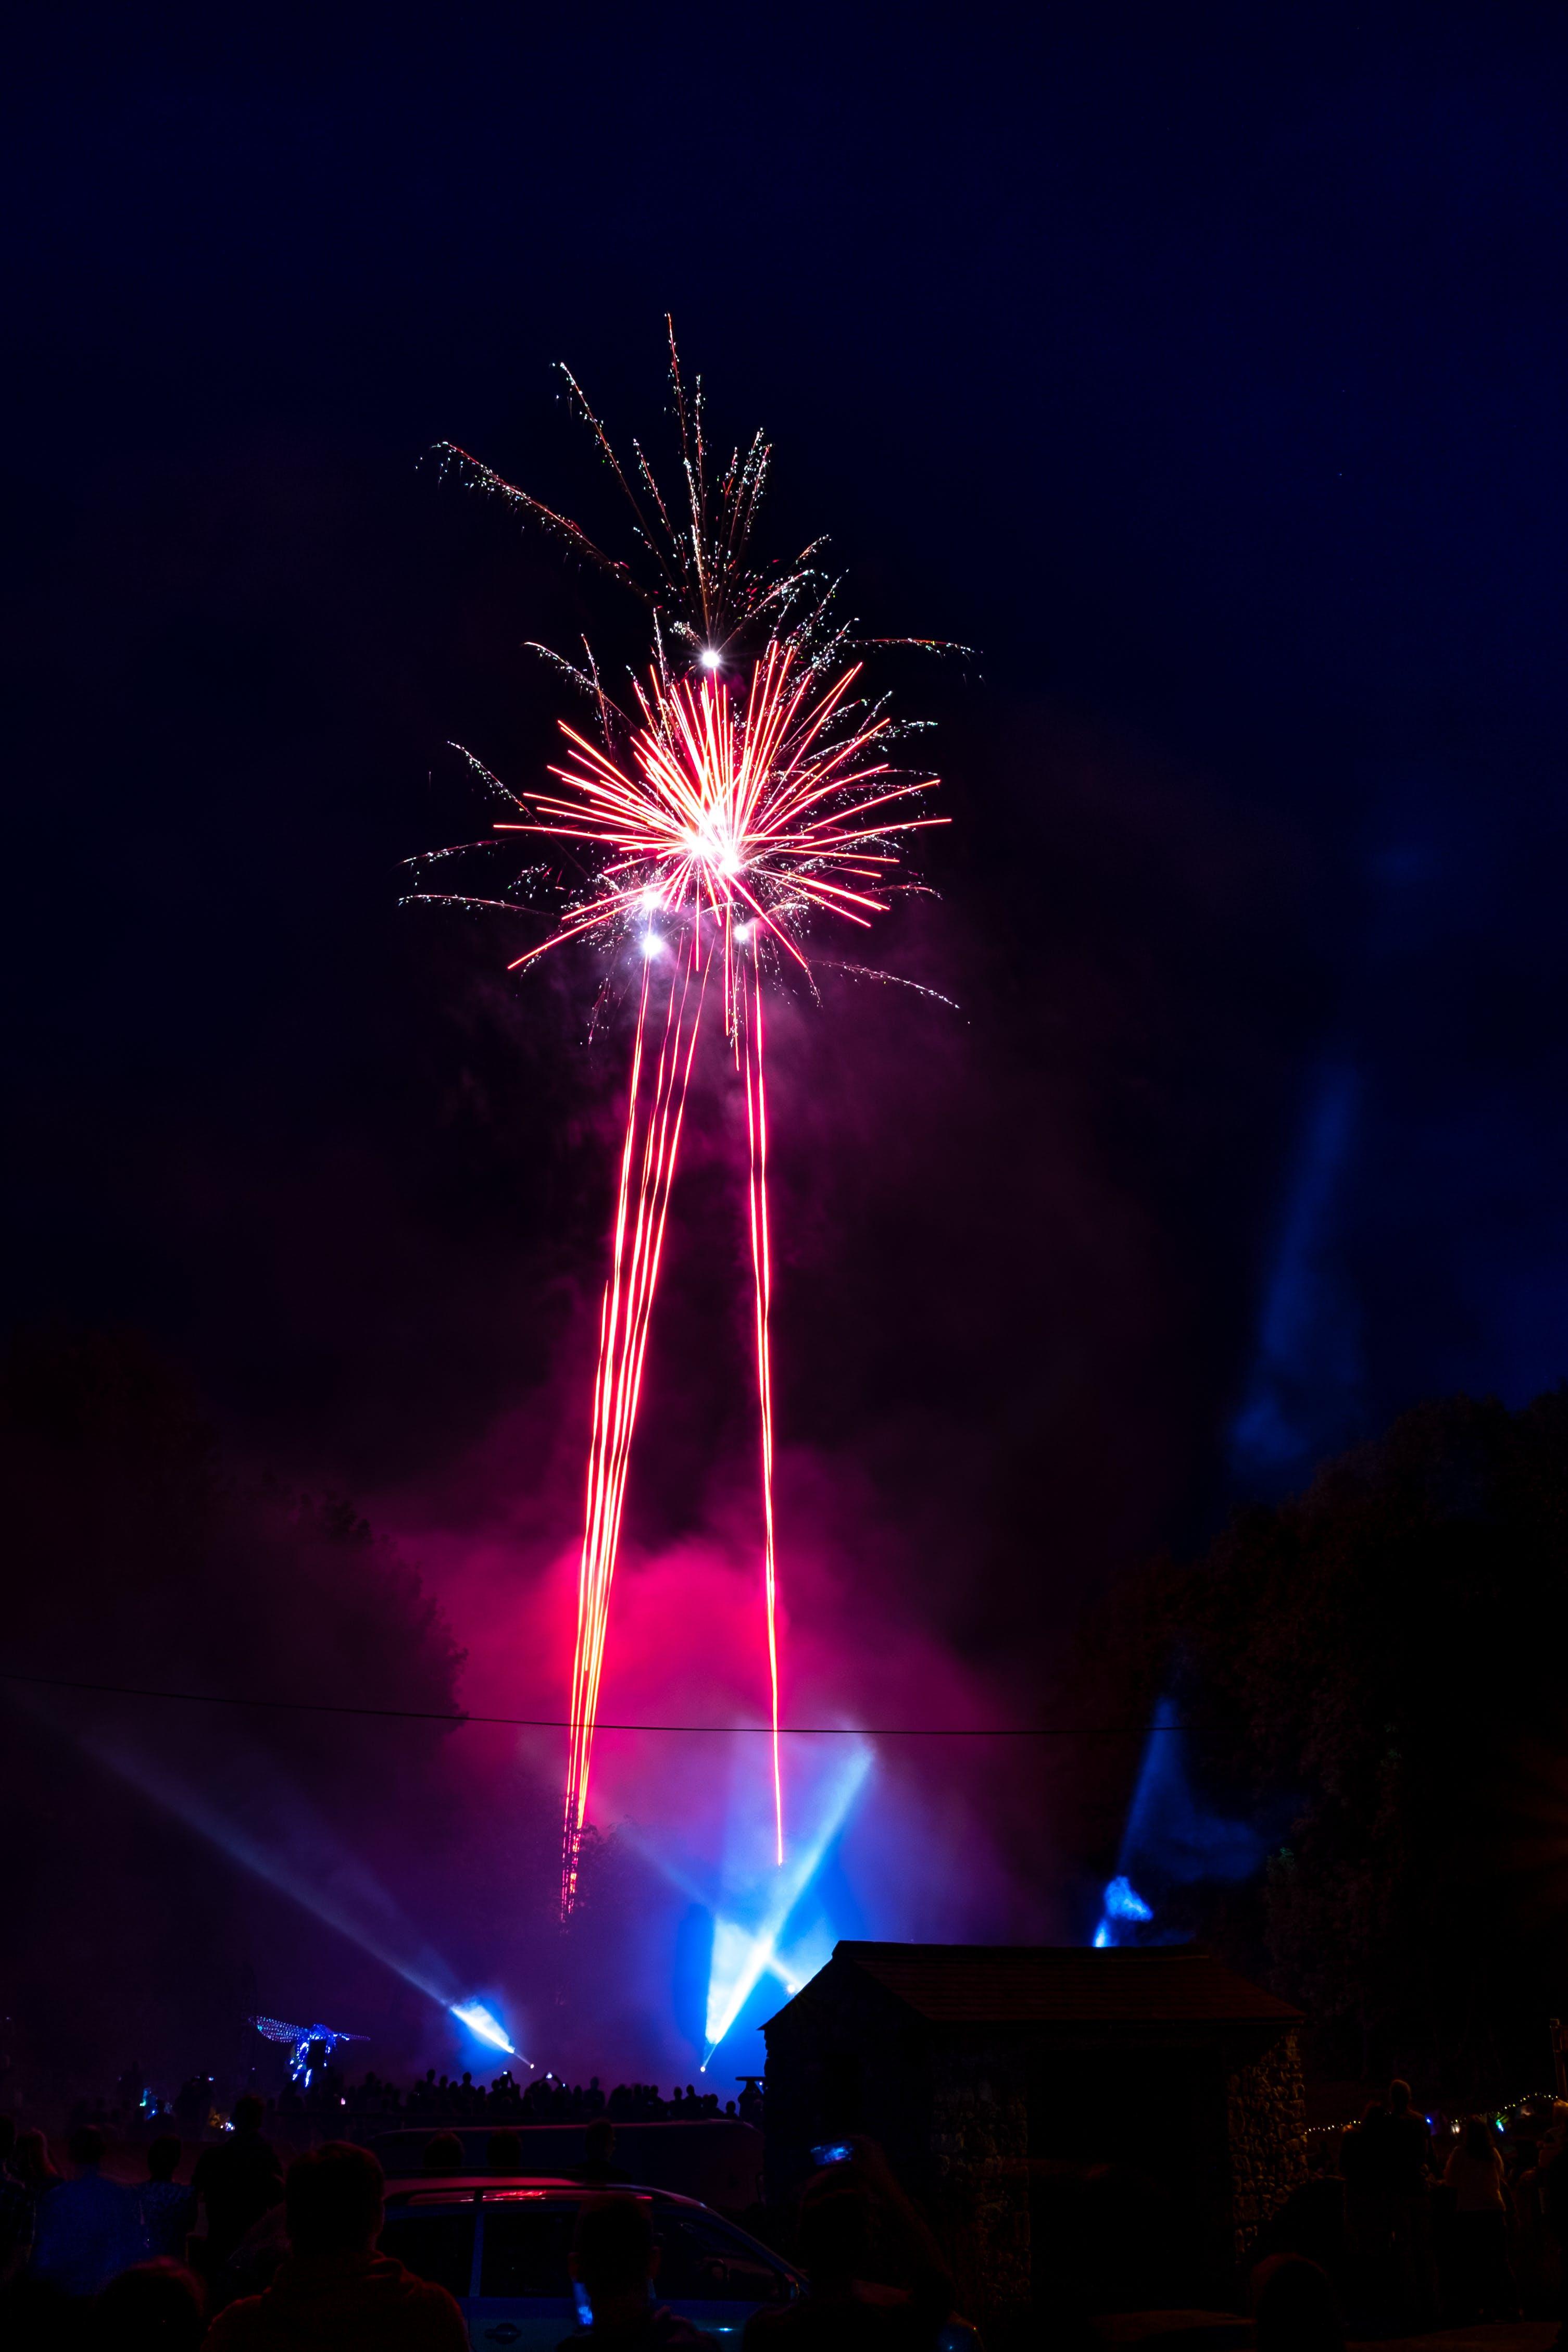 Δωρεάν στοκ φωτογραφιών με γιορτή, έκρηξη, εορτασμός, νέο έτος